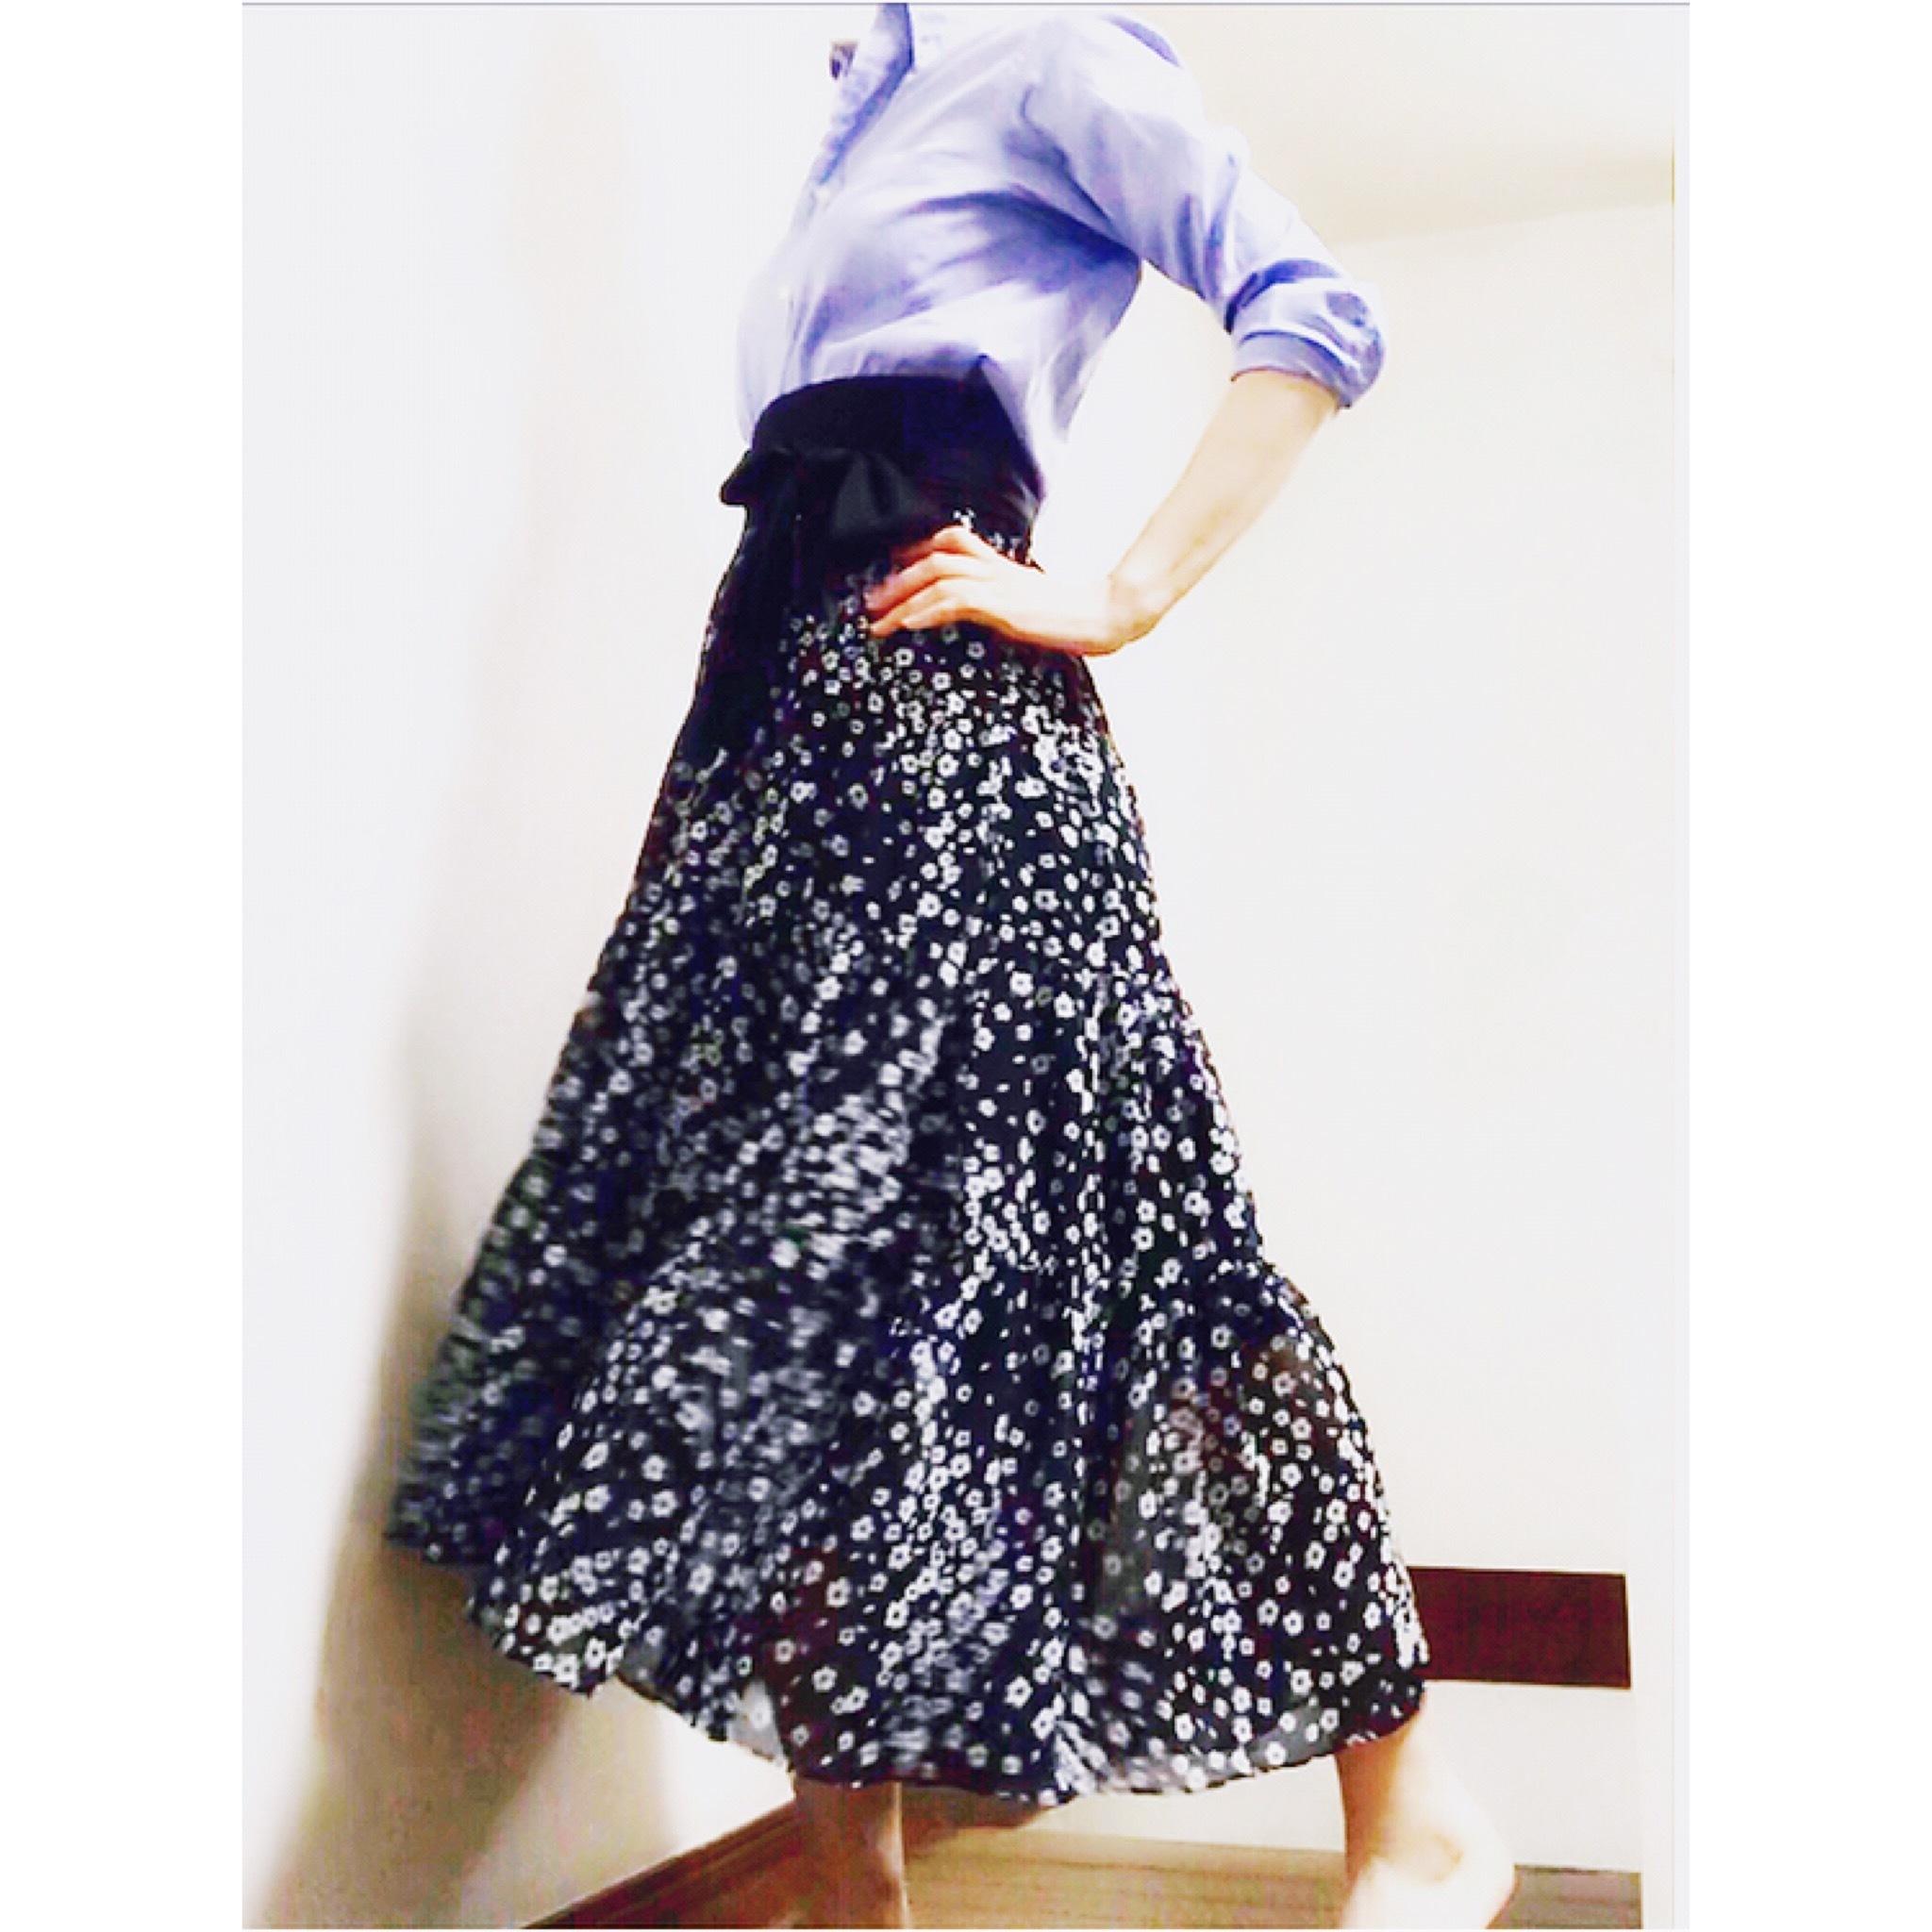 やっぱりスカートが大好き!プチプラから1点ものまでお気に入りの1枚【マリソル美女組ブログPICK UP】_1_1-7